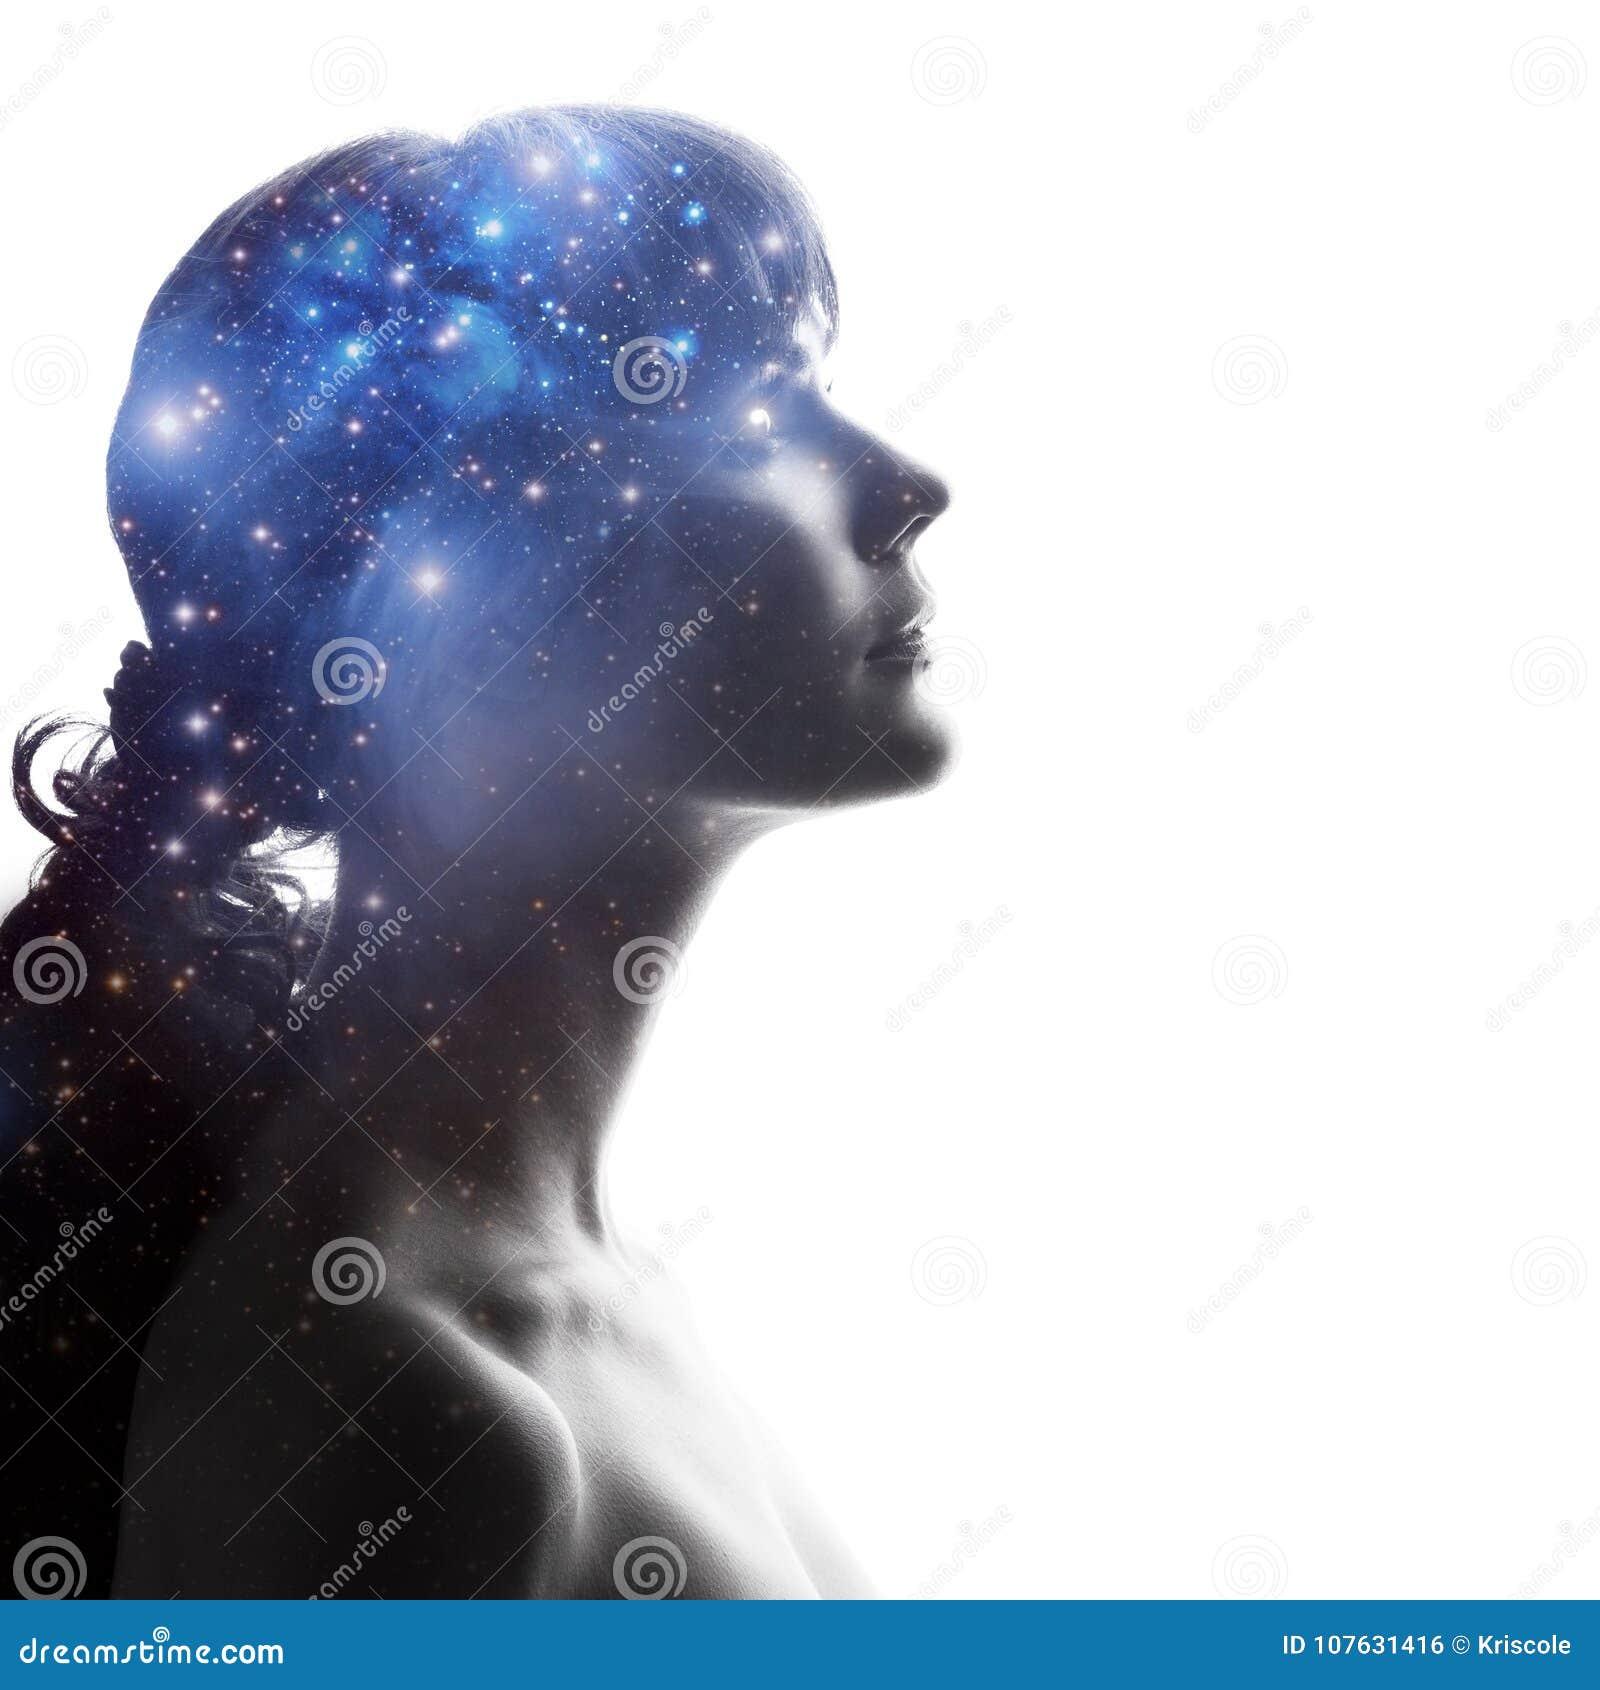 Σχεδιάγραμμα μιας γυναίκας με τον κόσμο ως εγκέφαλο Η επιστημονική έννοια Ο εγκέφαλος και η δημιουργικότητα